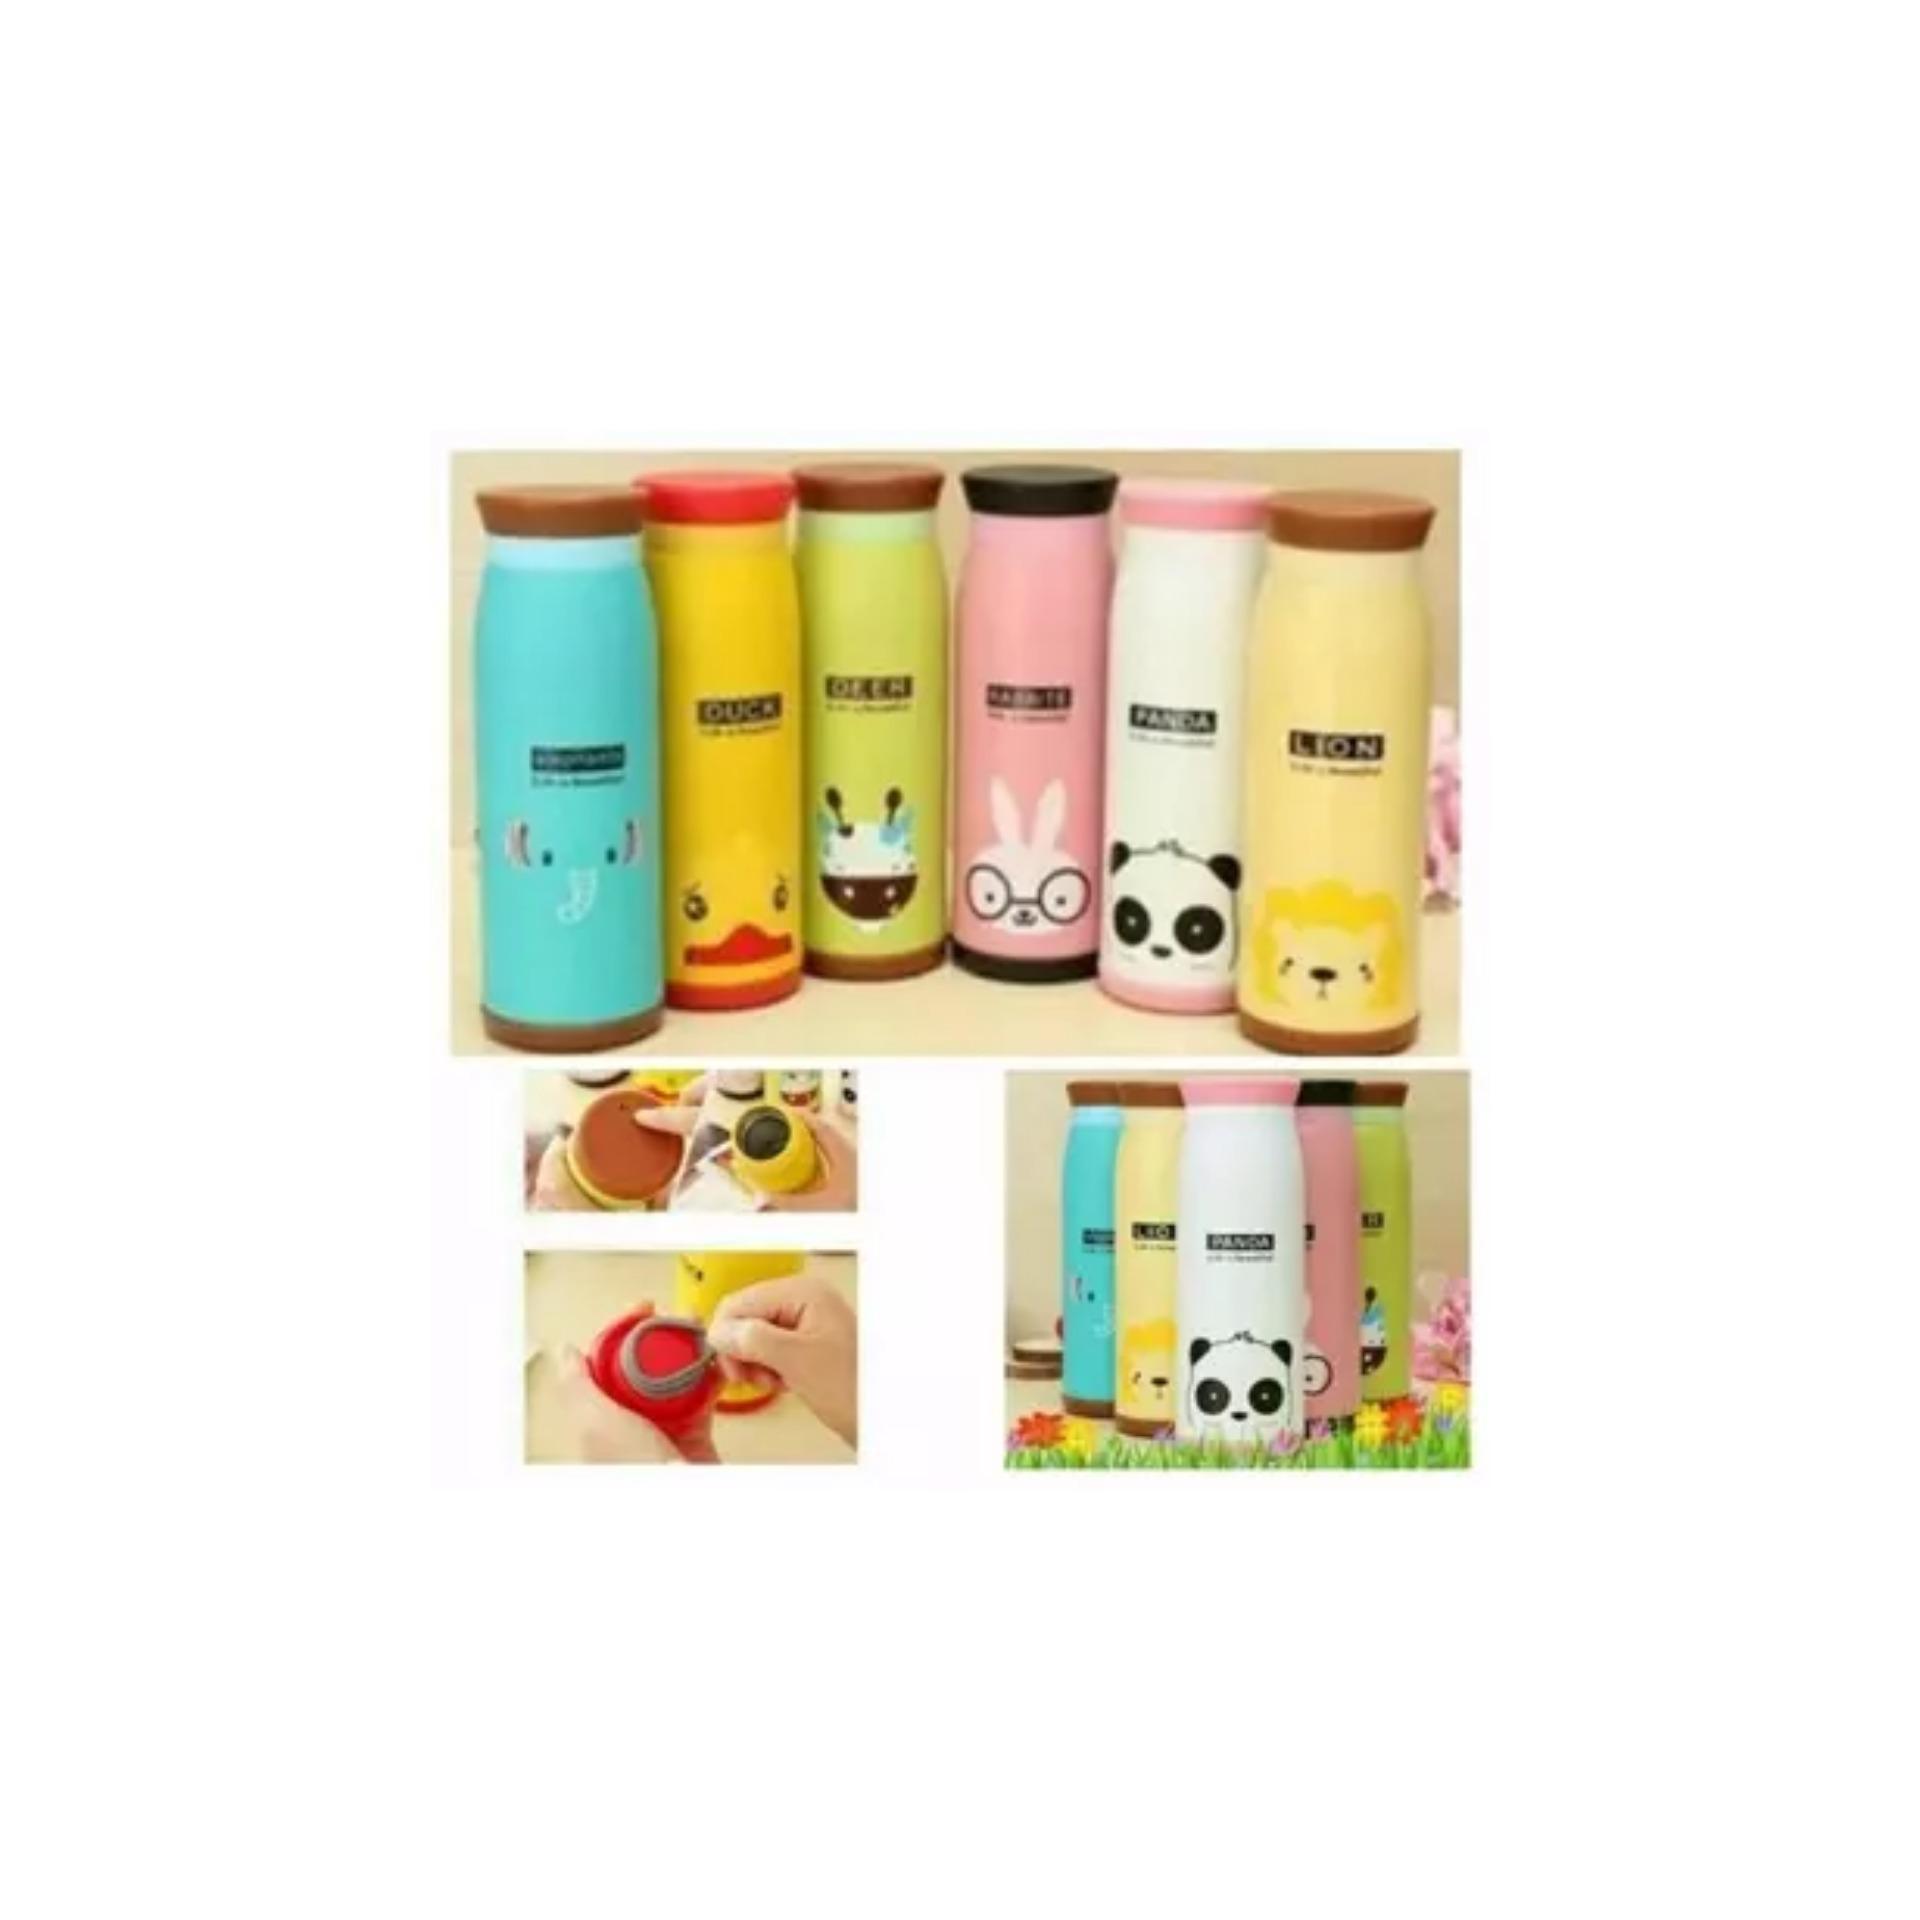 Spesifikasi Promo Khusus Stainless Tumbler Animal Botol Minum Thermos Karakter Termos Cooler Tumbler Aqua